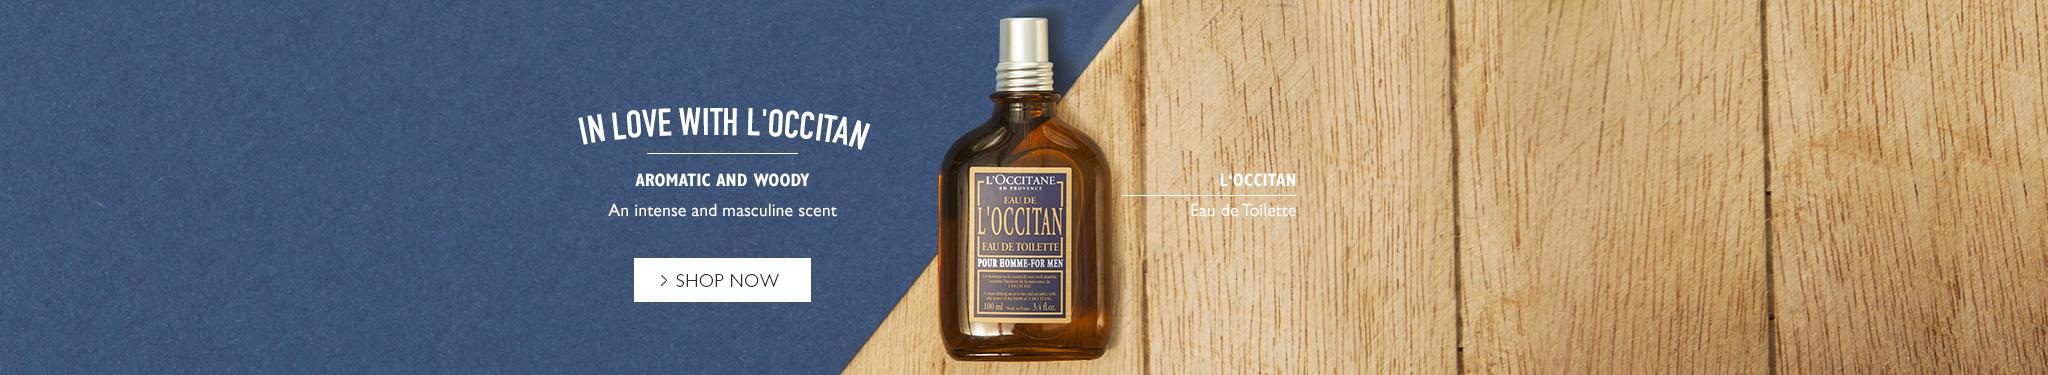 In Love with L'Occitan